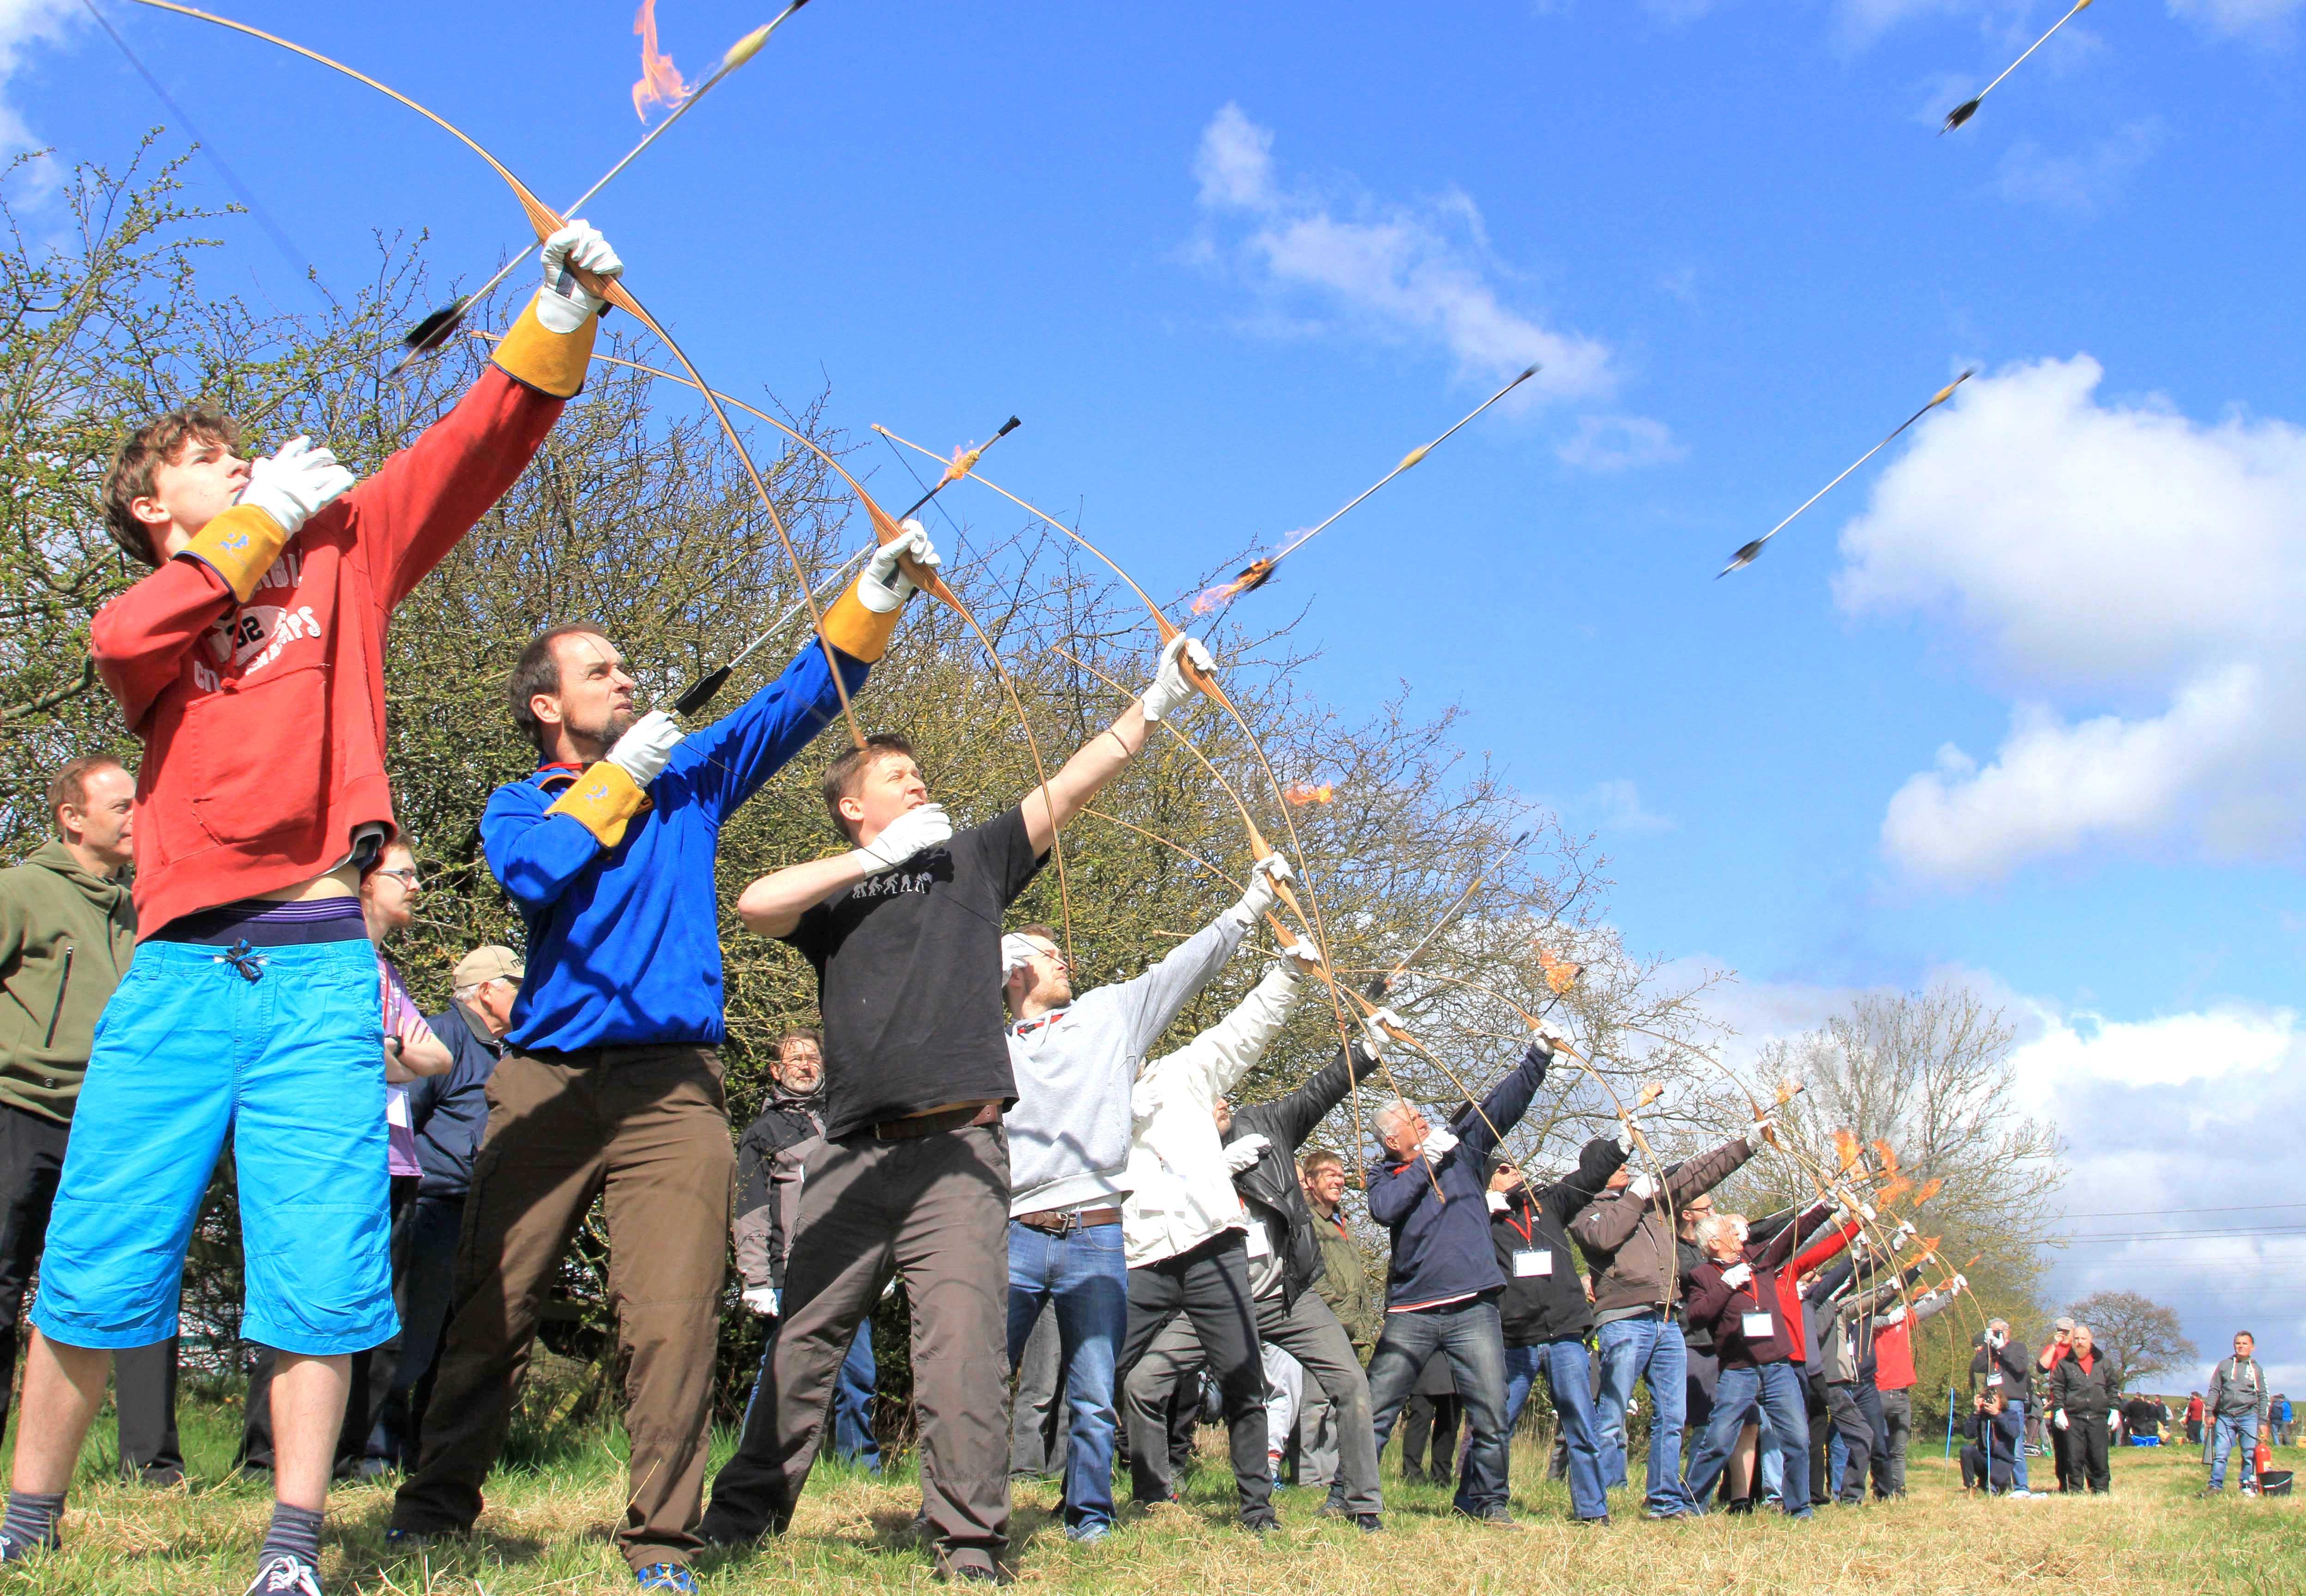 Archers on Target for Kynren